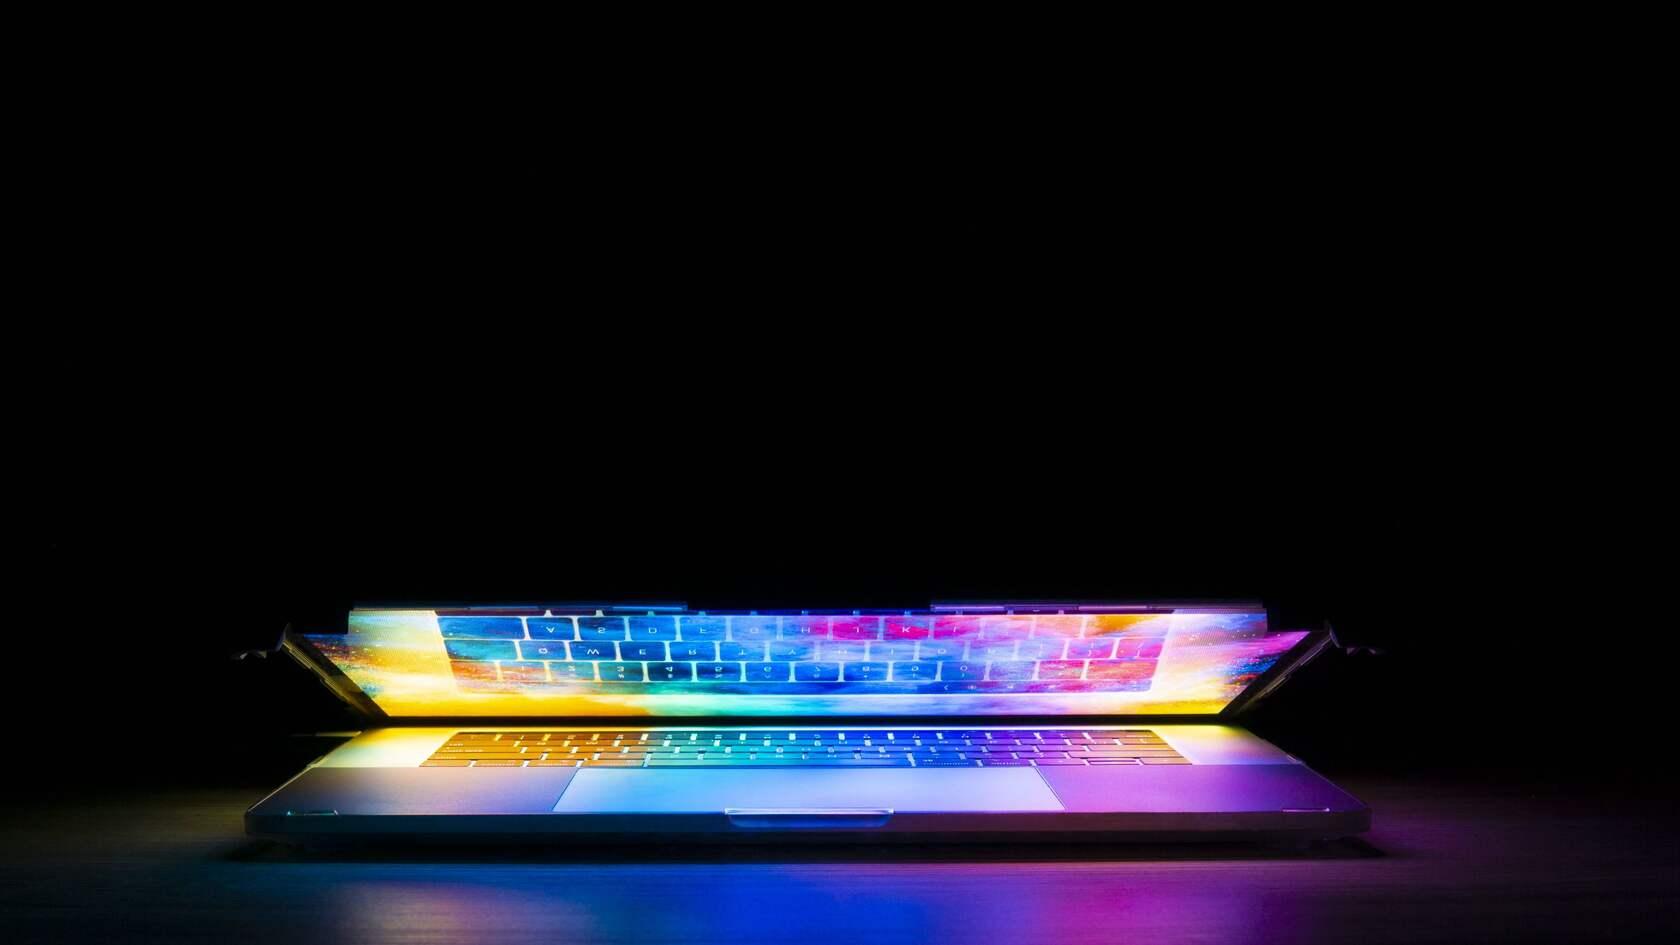 黑色背景 发光的键盘 个性壁纸图片